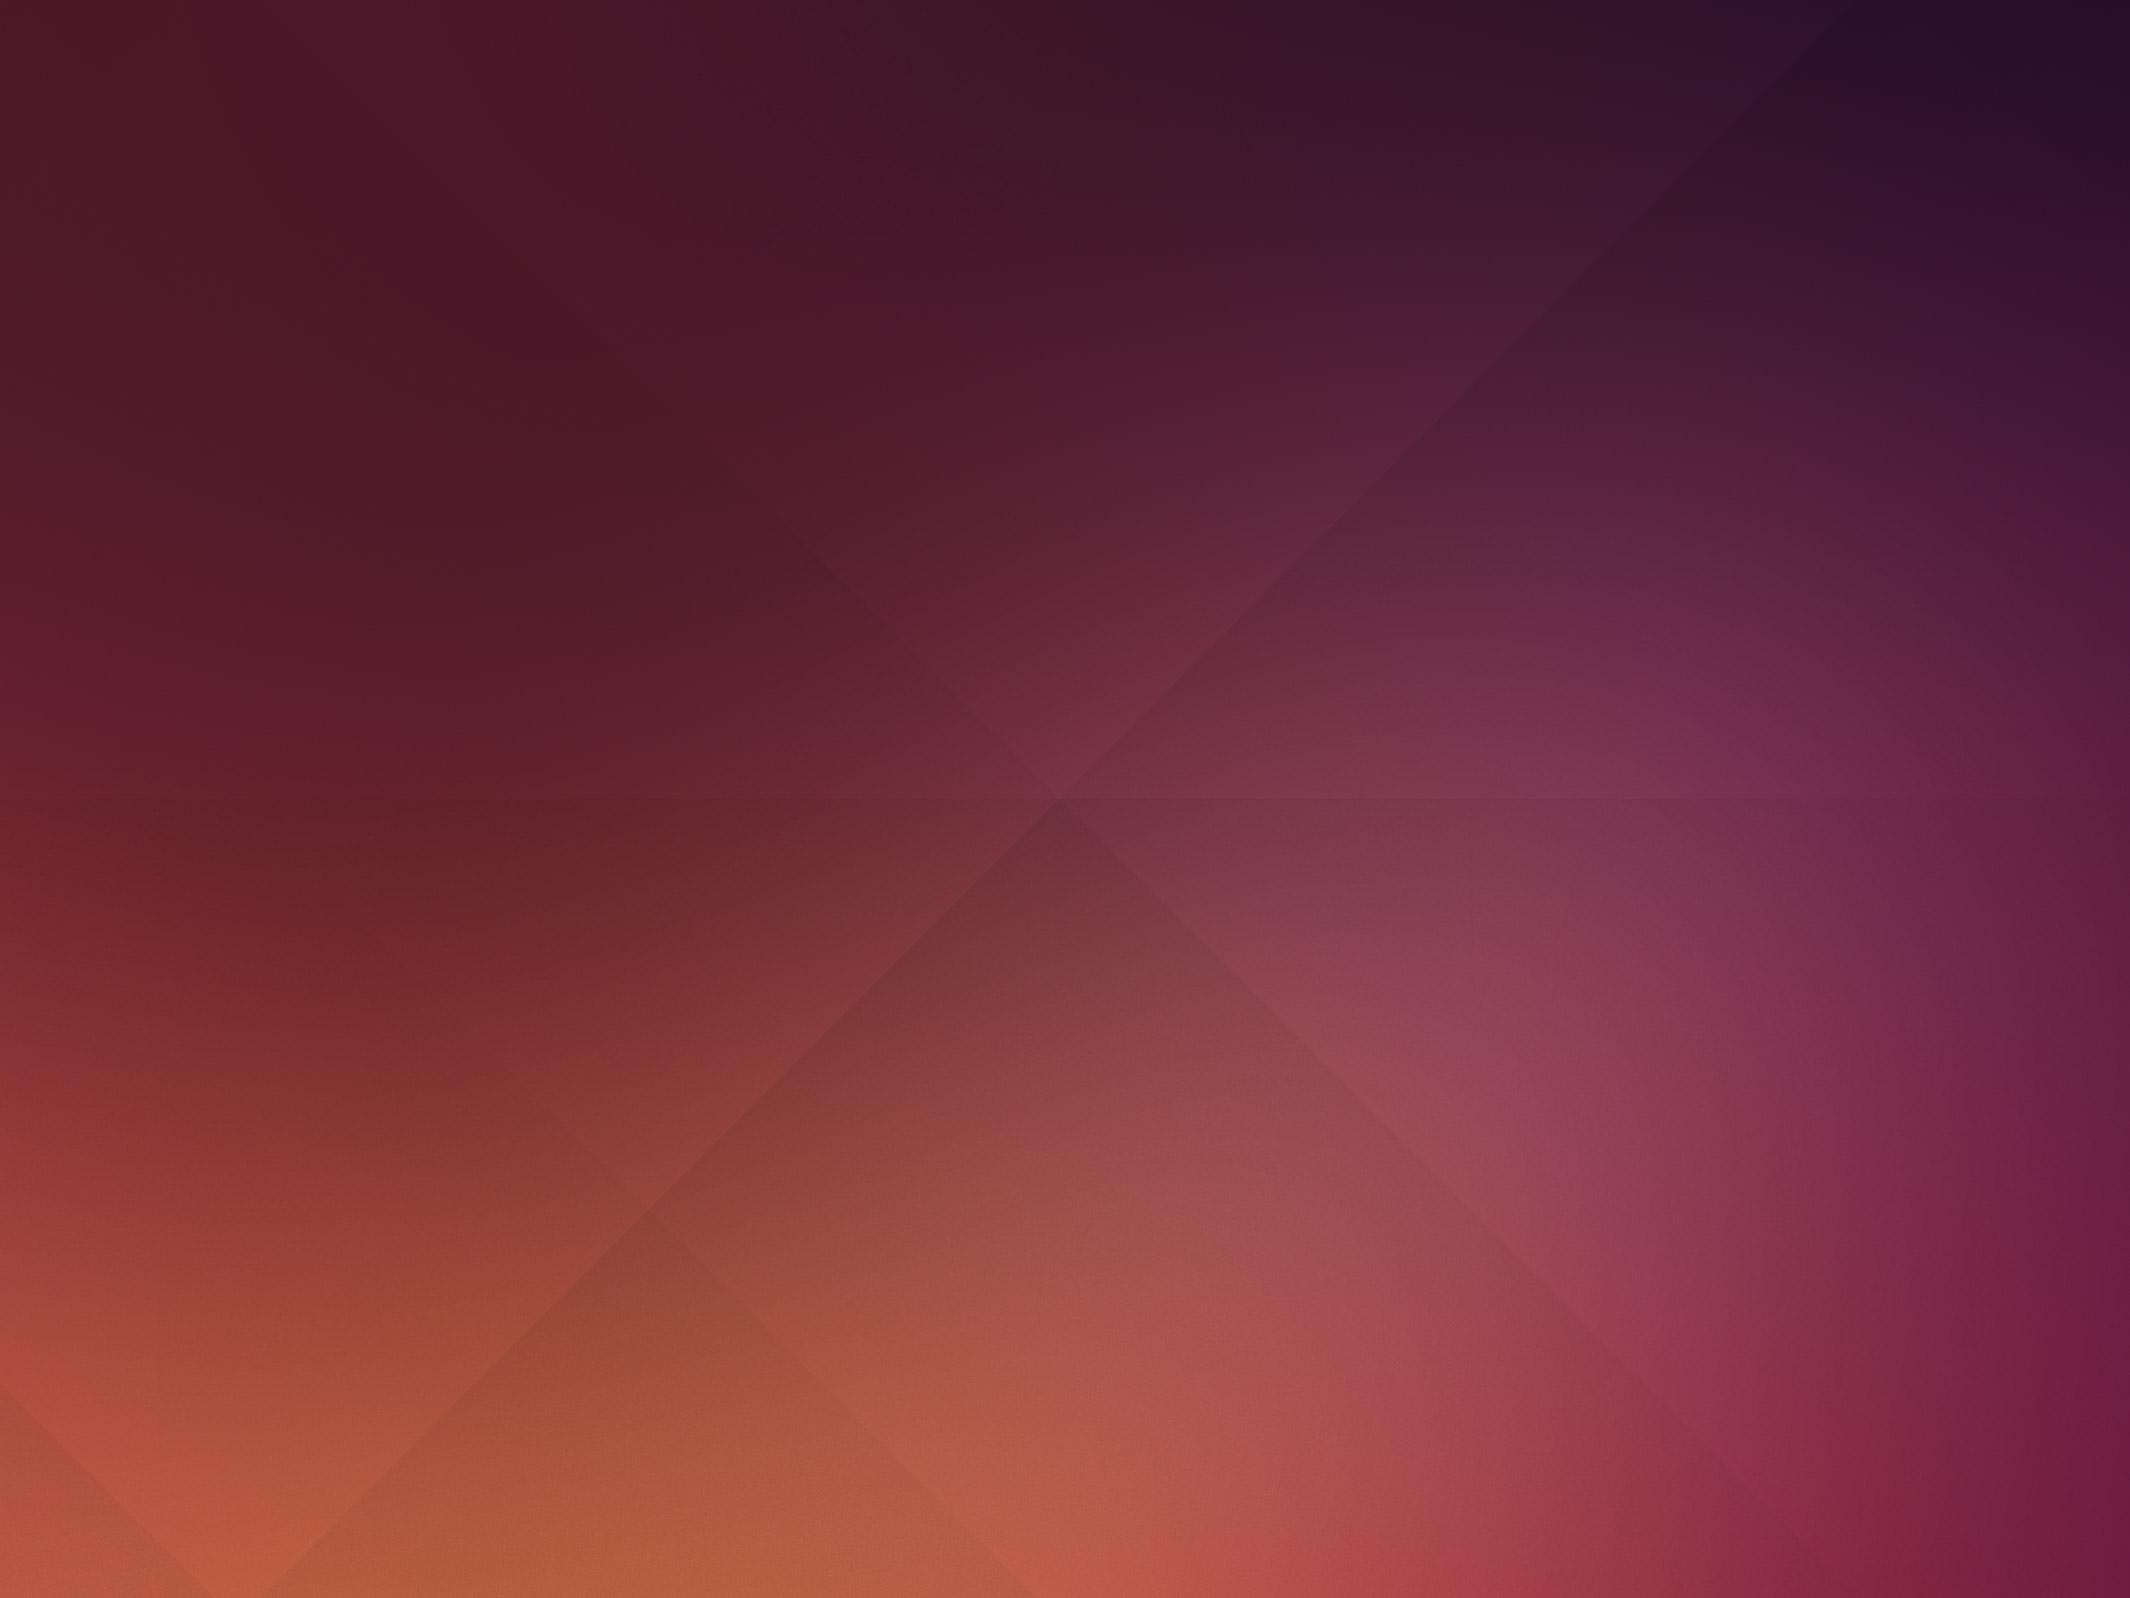 60 Beautiful Ubuntu Desktop Wallpapers Hongkiat